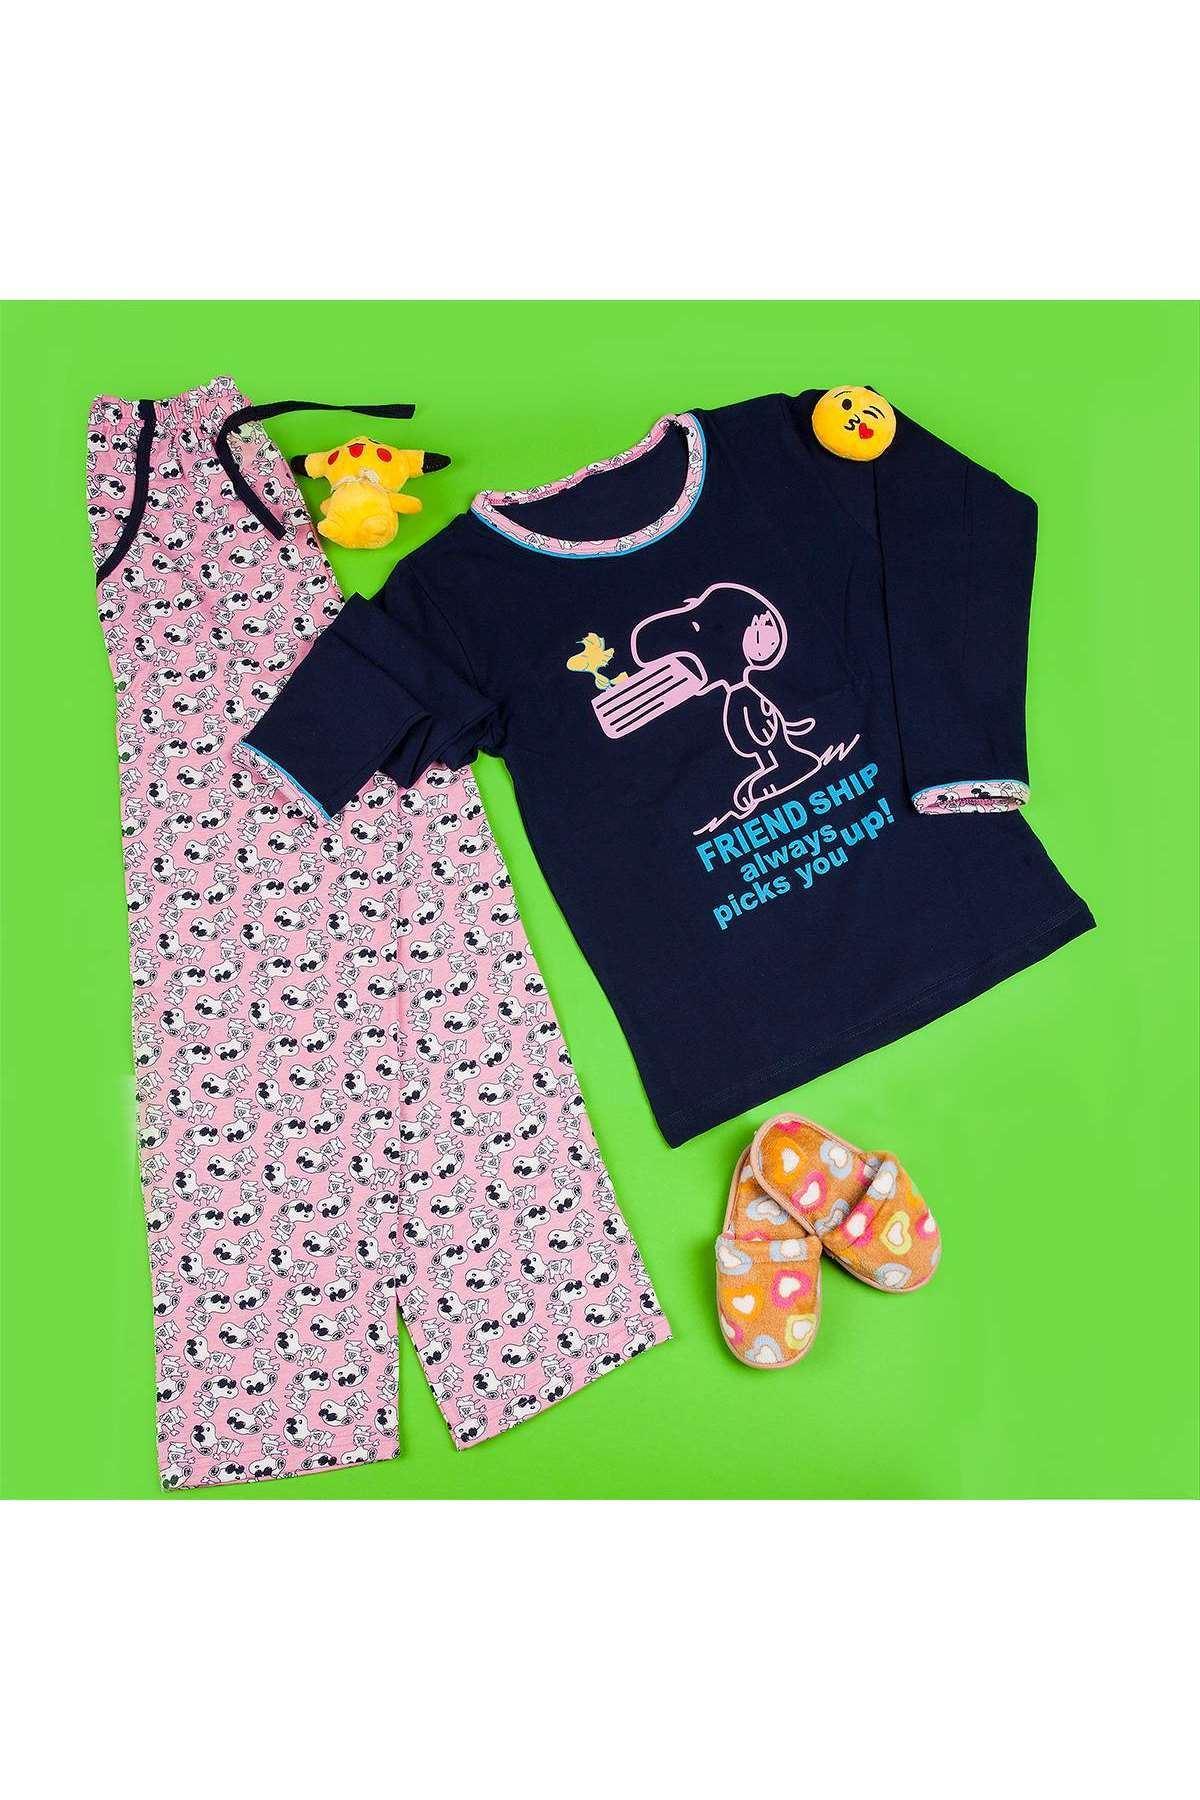 Köpekli Yazı Baskılı Pijama Takımı Laci